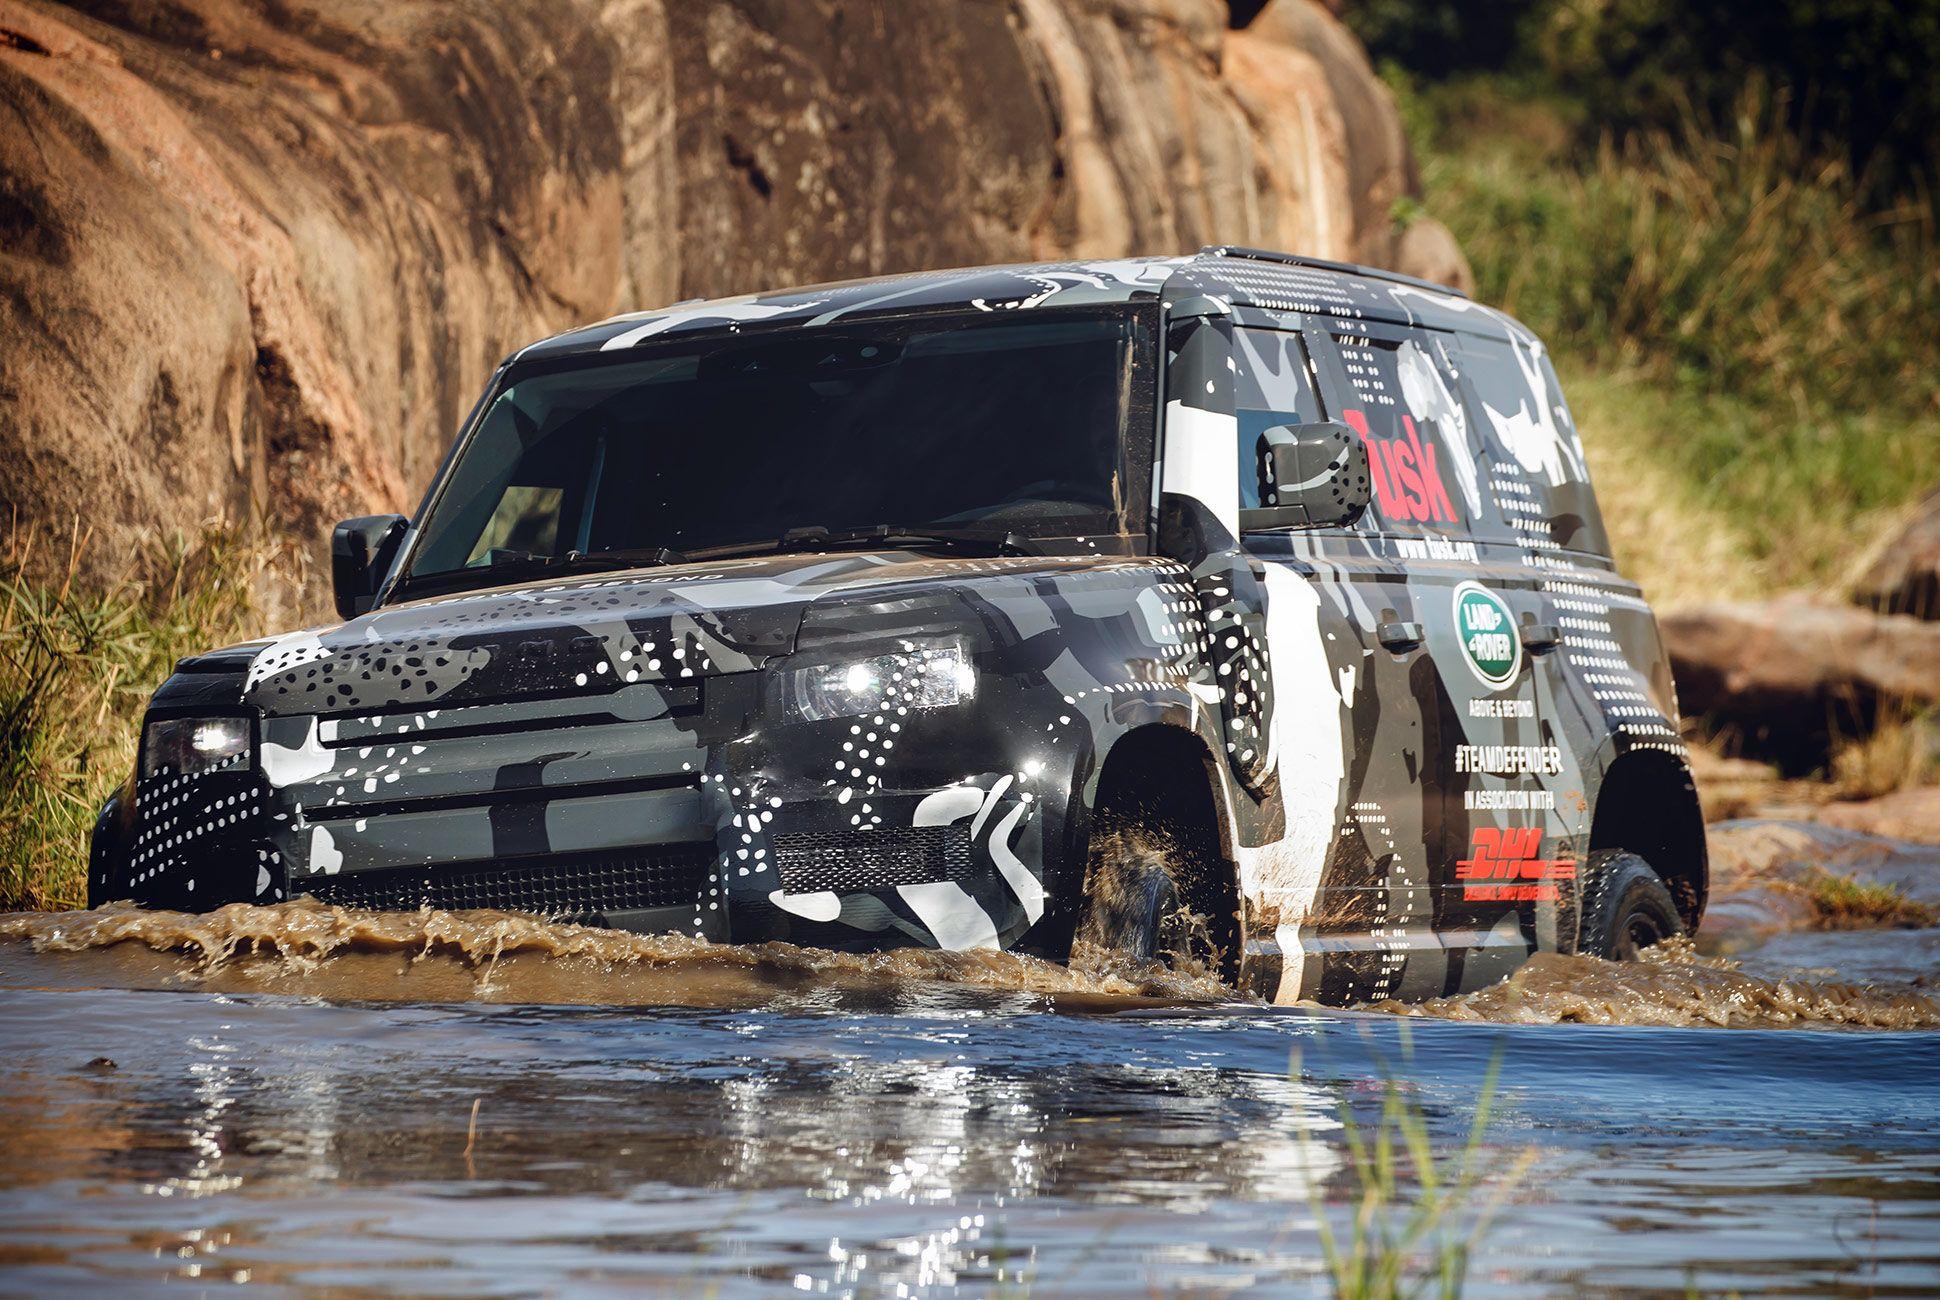 Land-Rover-Defender-Africa-Testing-gear-patrol-slide-4